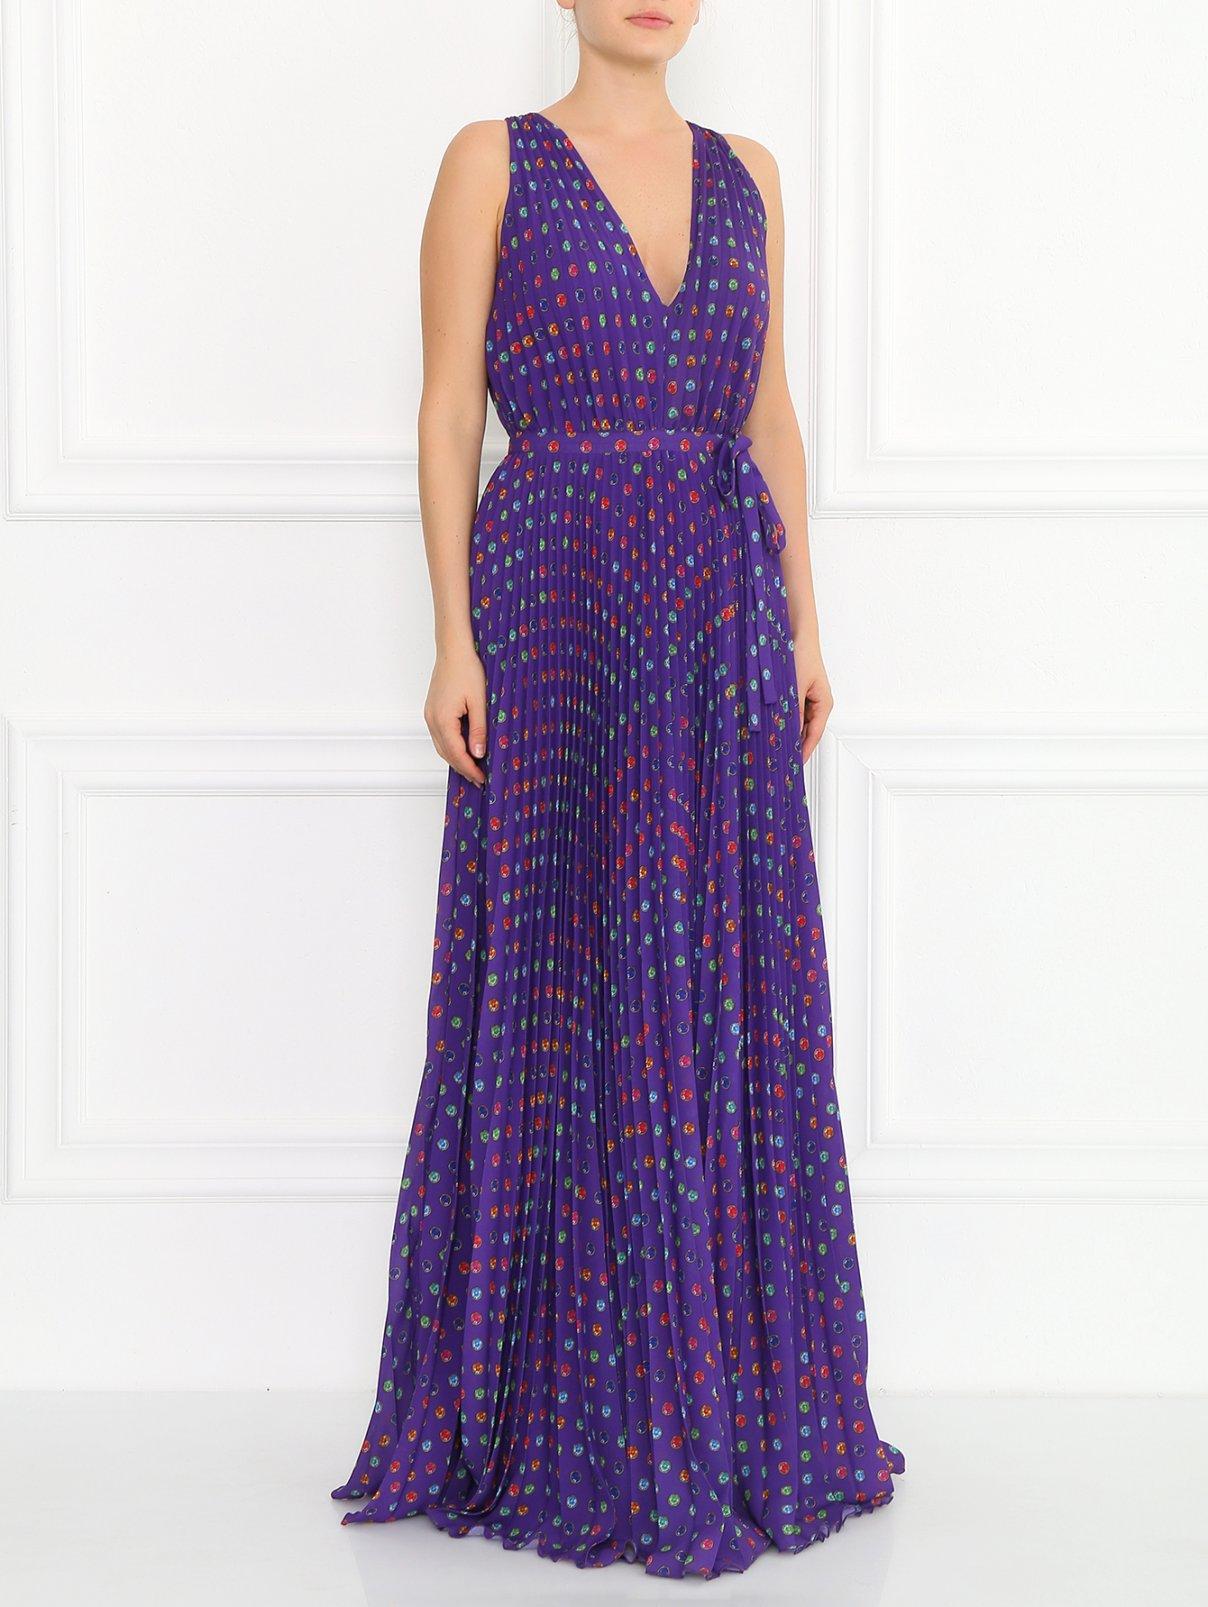 Плиссированное платье-макси с узором Moschino Boutique  –  Модель Общий вид  – Цвет:  Узор